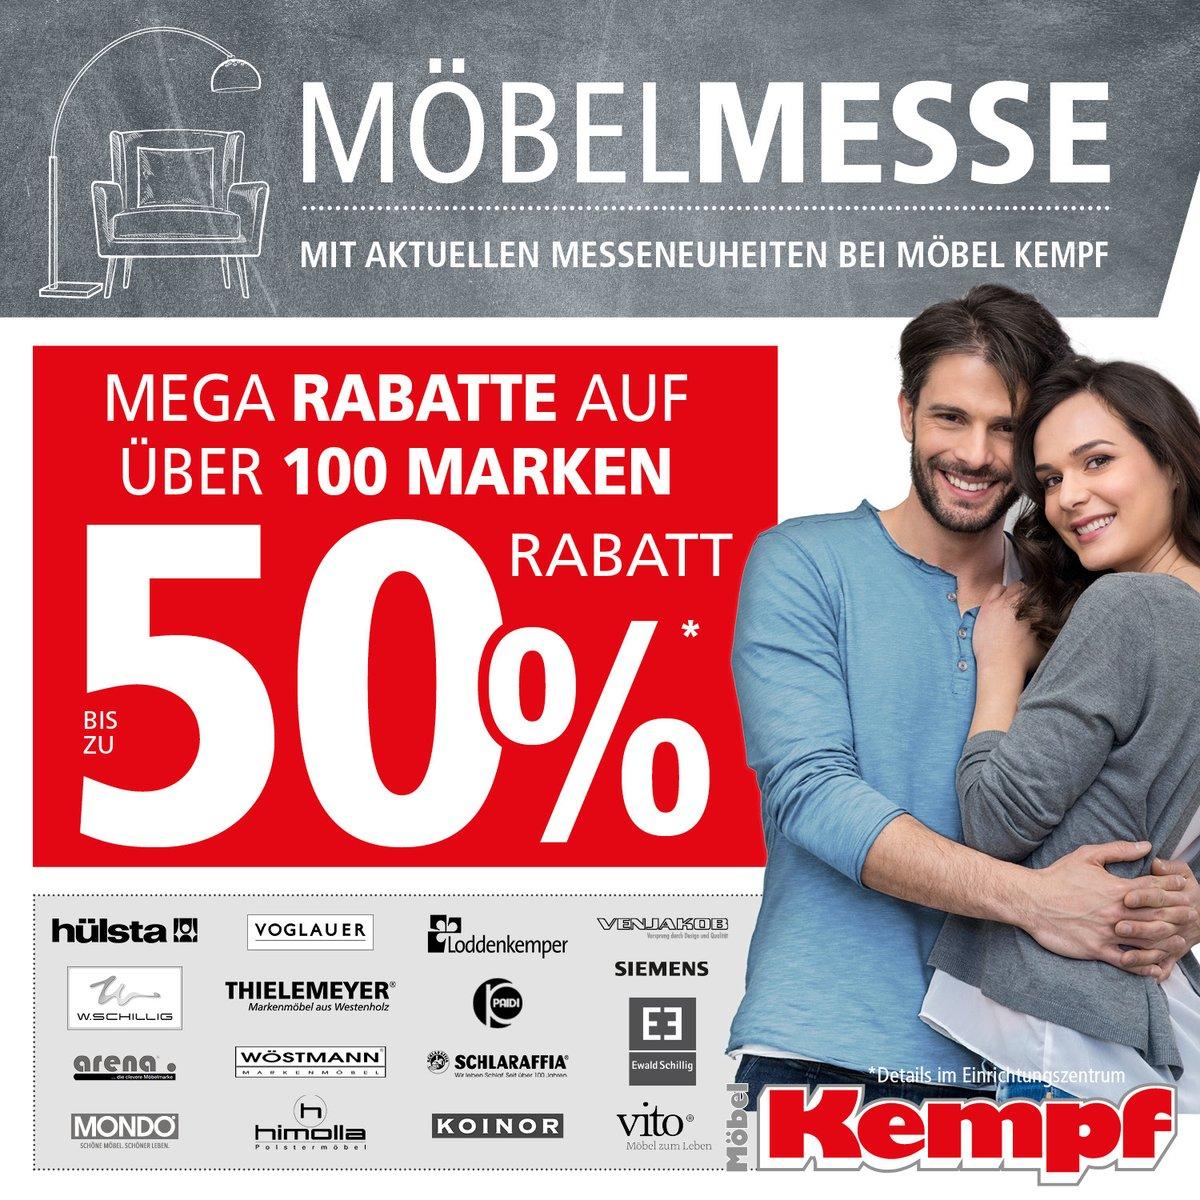 Die Große Möbelmesse Bei Möbel Kempf Mit über 100 Marken Zu